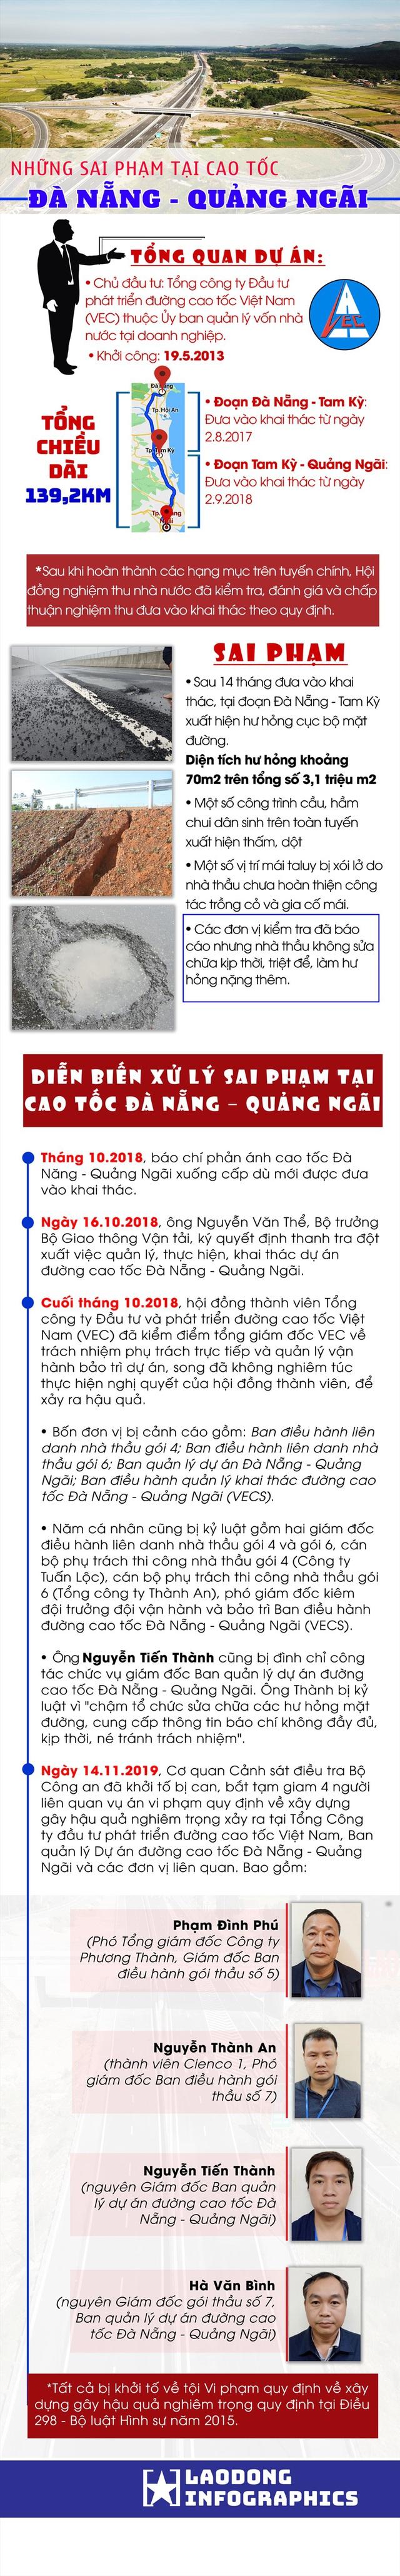 Infographic: Những sai phạm tại cao tốc Đà Nẵng - Quảng Ngãi - Ảnh 1.